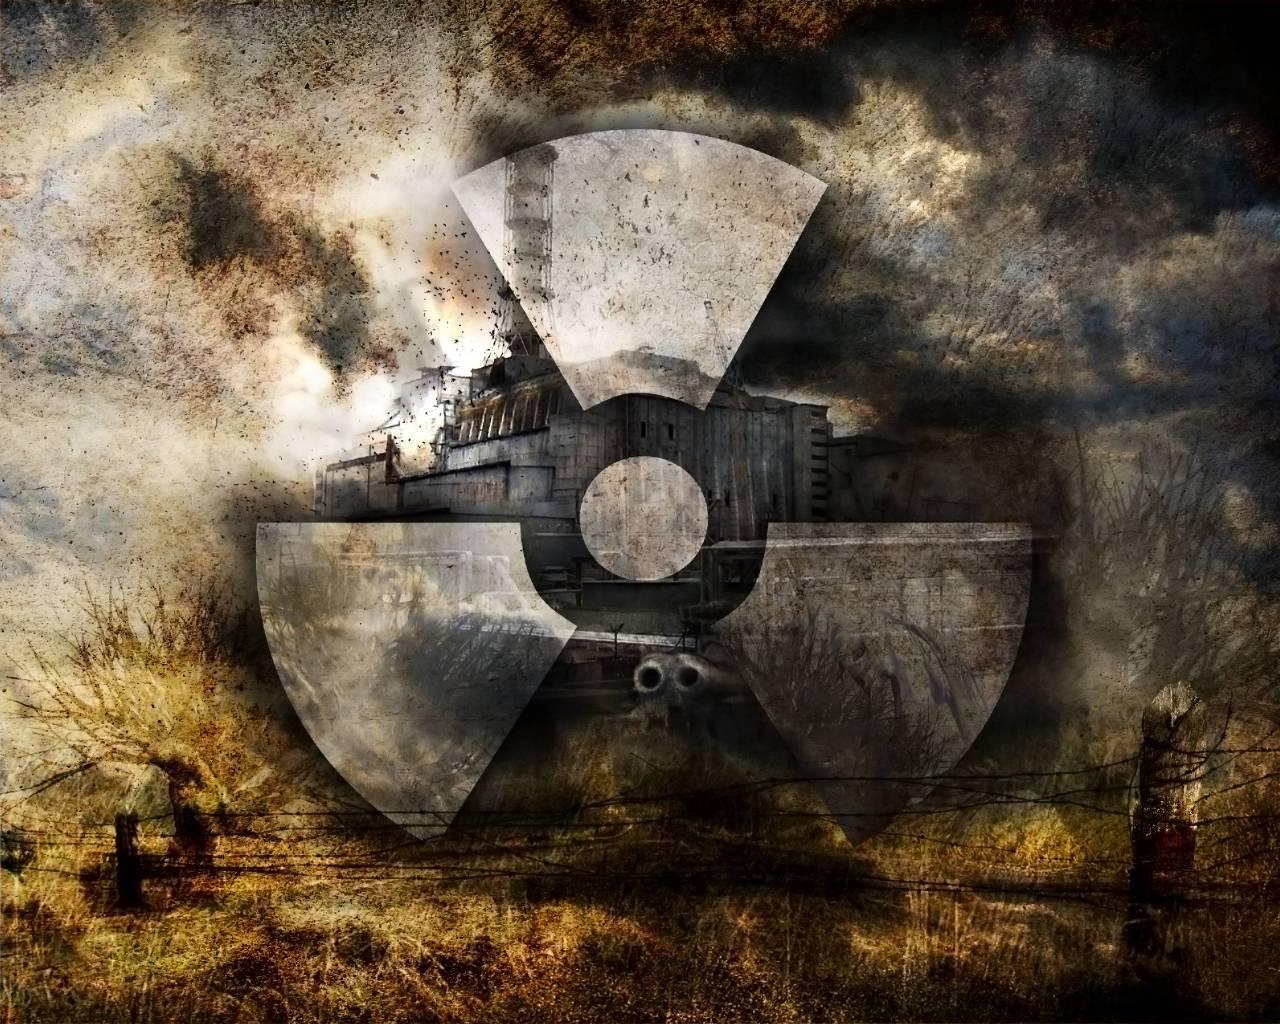 Радиация, radiation, wallpaper, скачать обои для рабочего стола